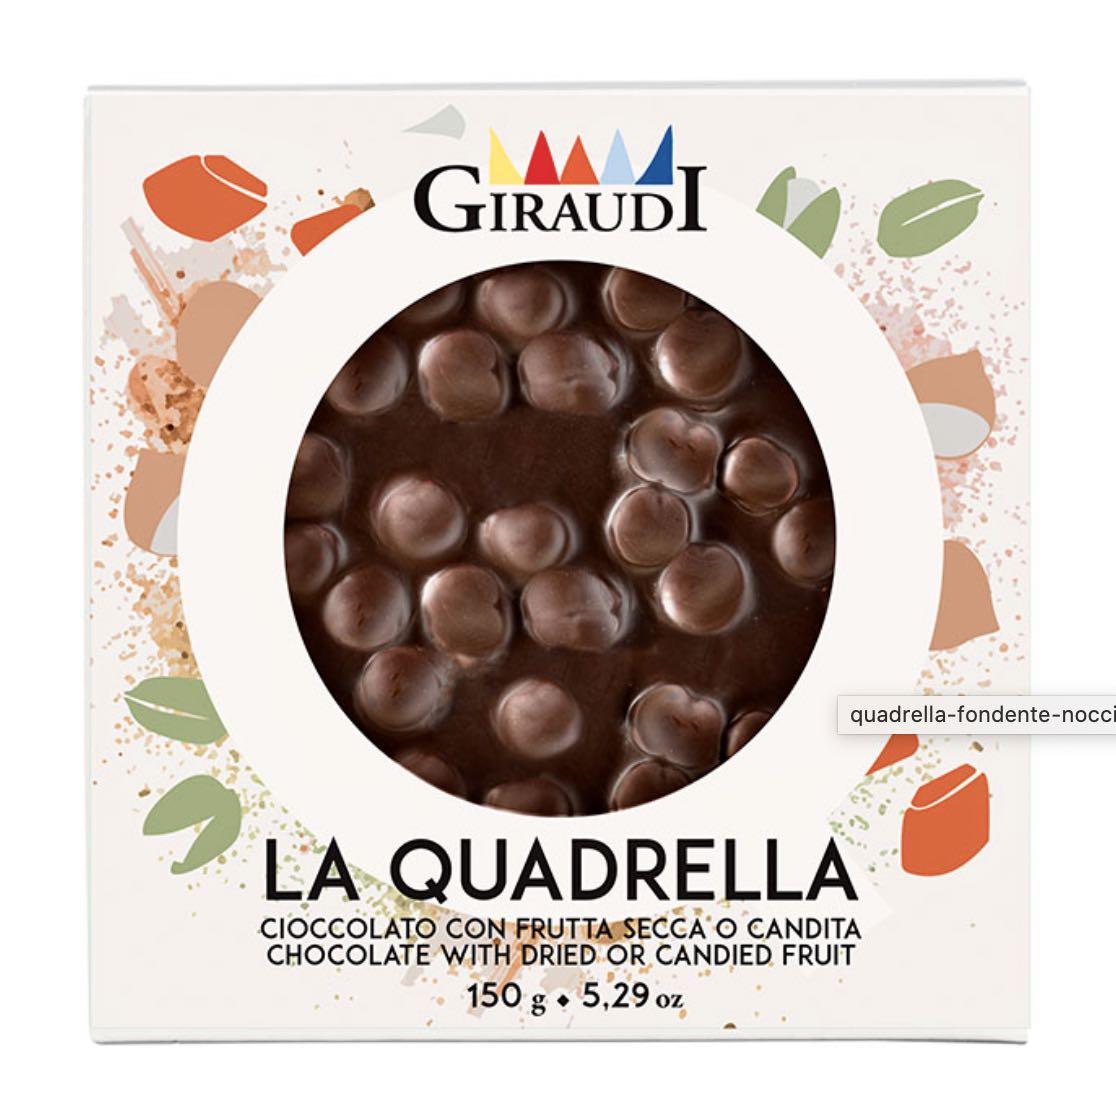 Quadrella Giraudi fondente e nocciole confezione – Gustorotondo – buono sano artigiano – spesa online